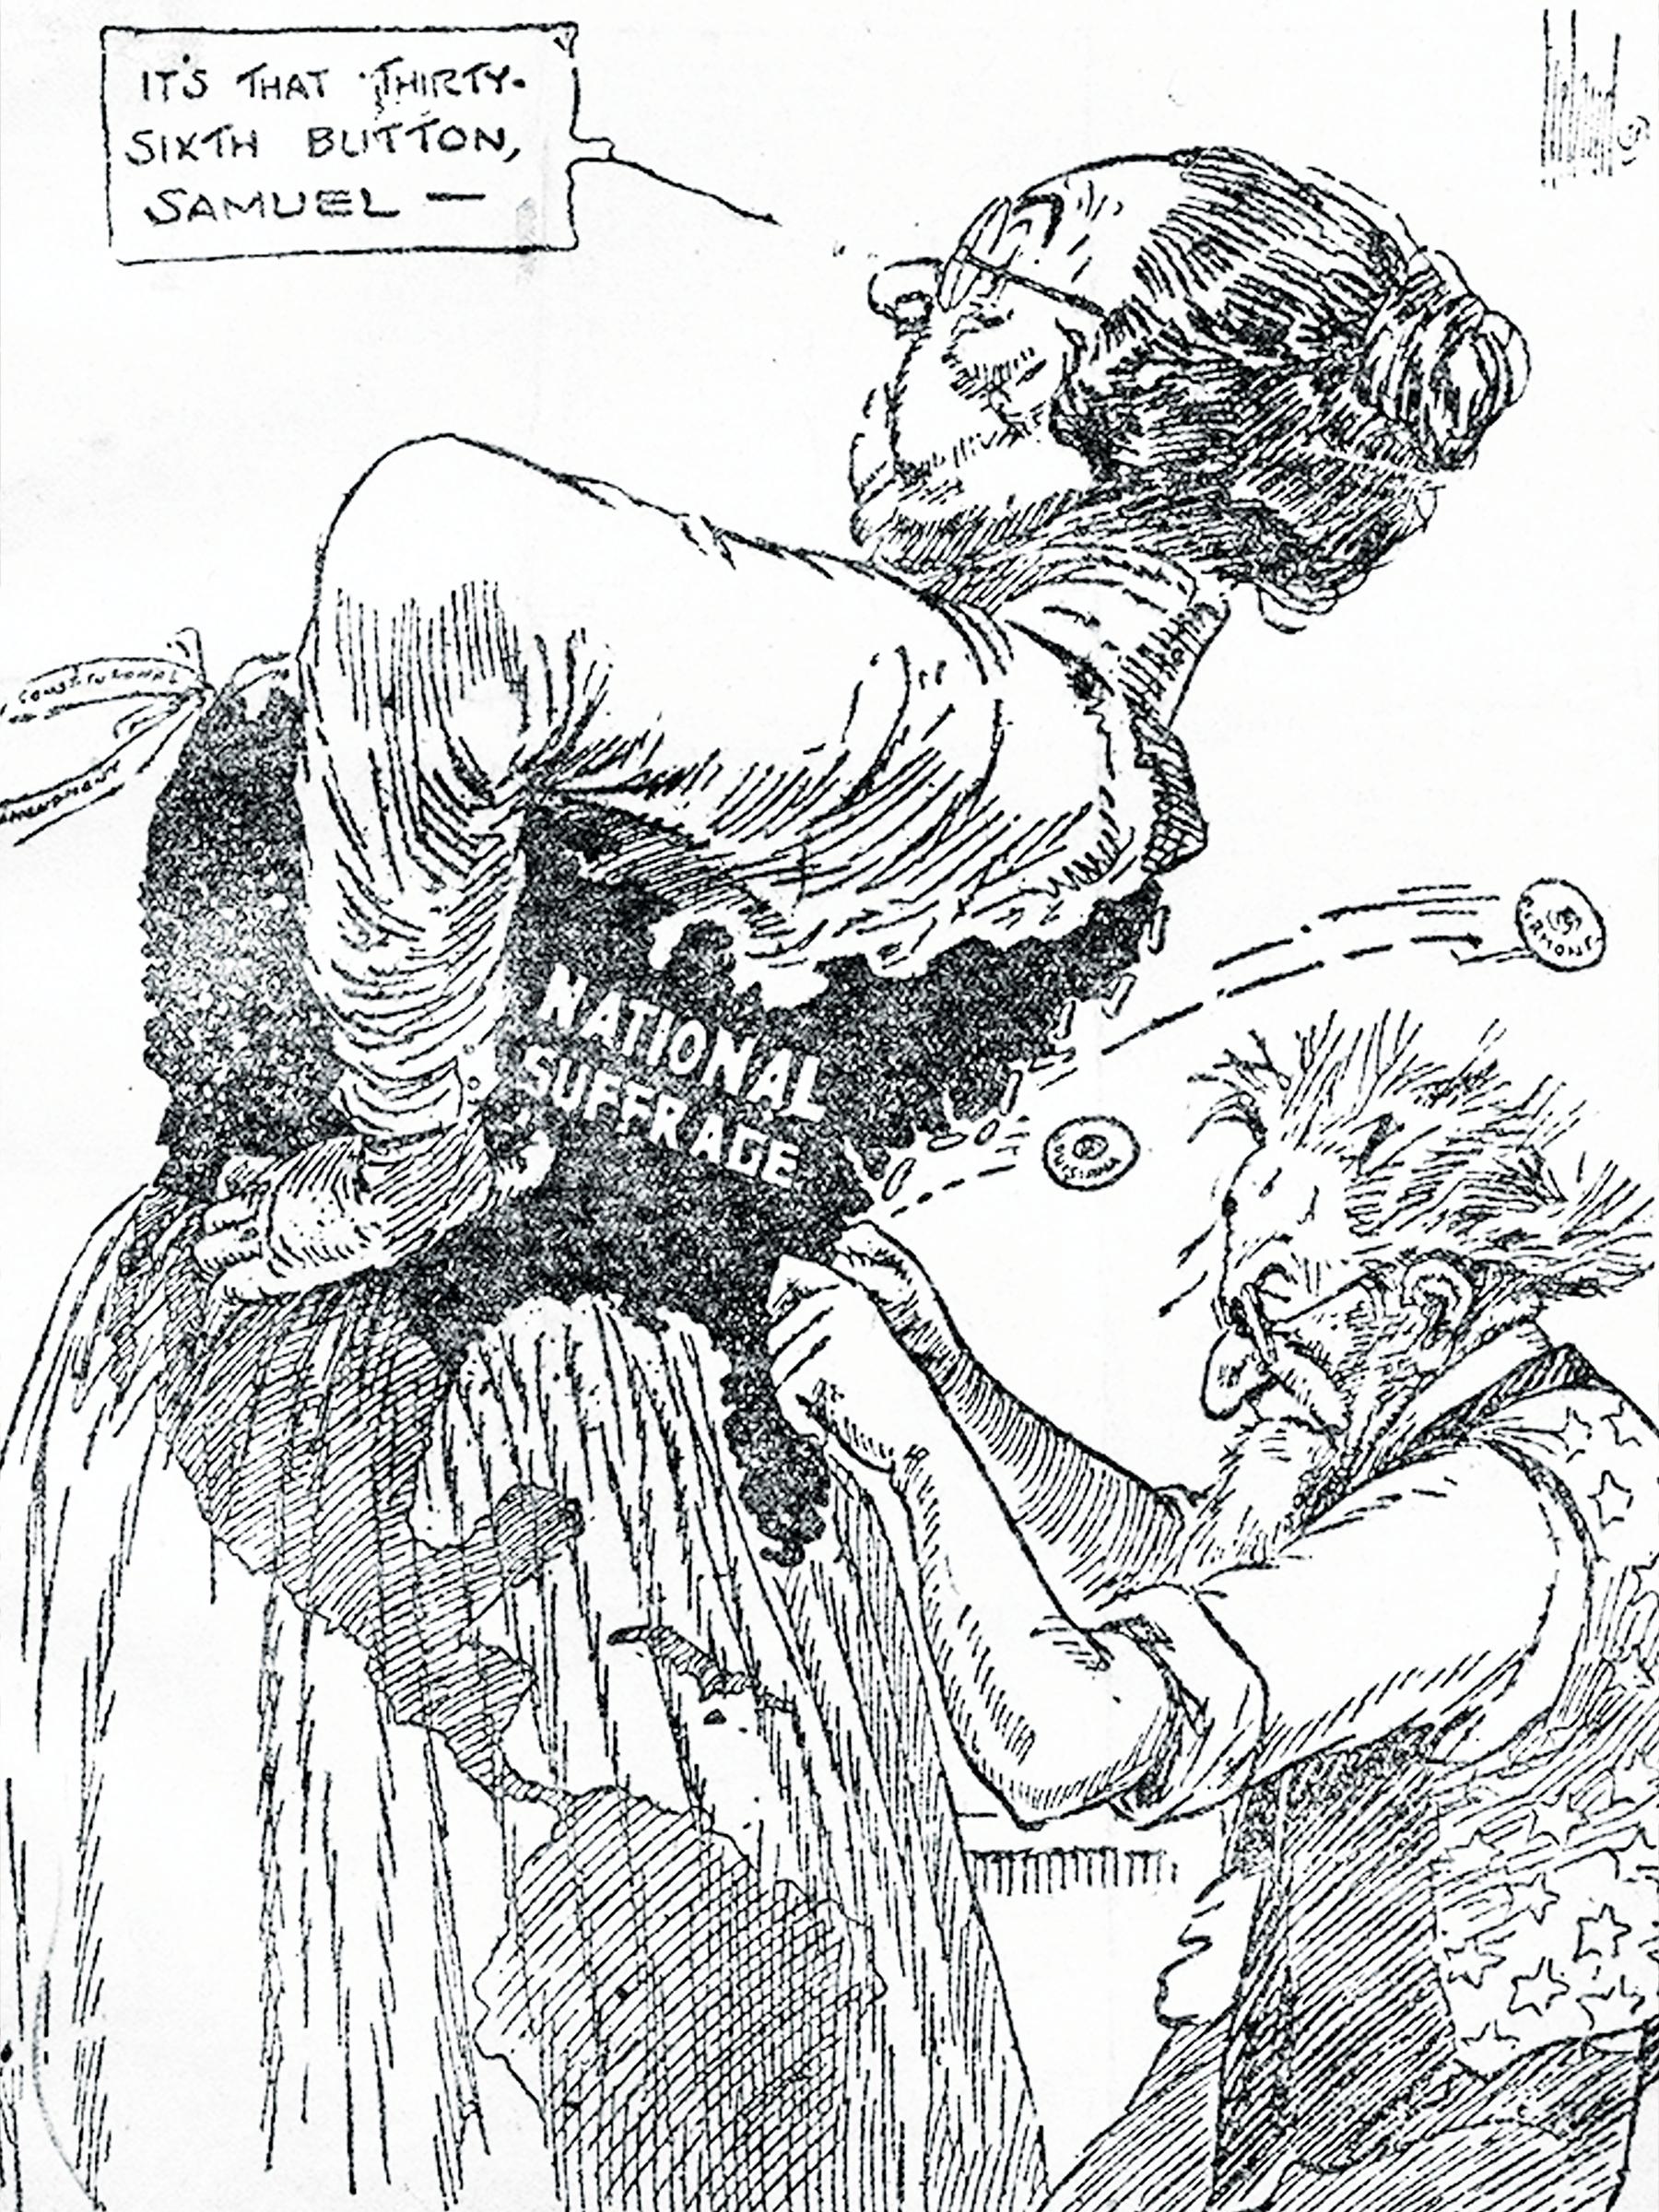 Suffrage Cartoon